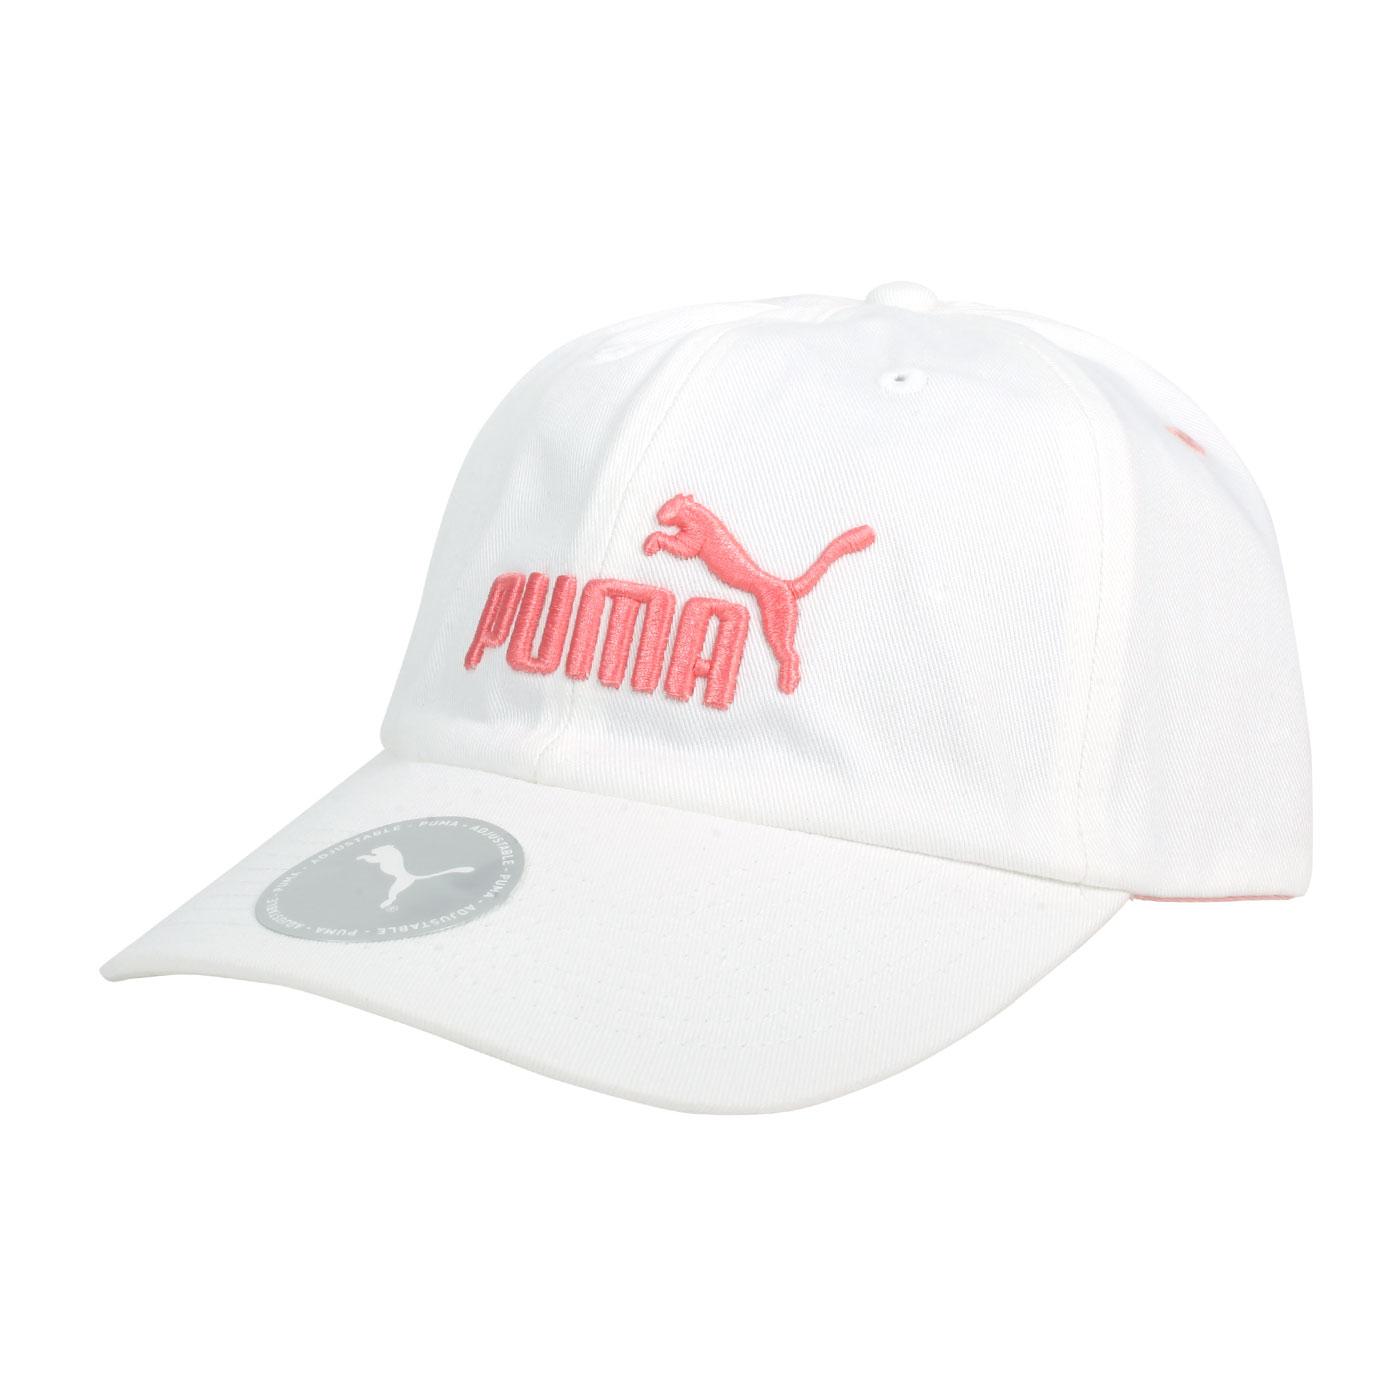 PUMA 基本系列棒球帽 02241640 - 白粉橘